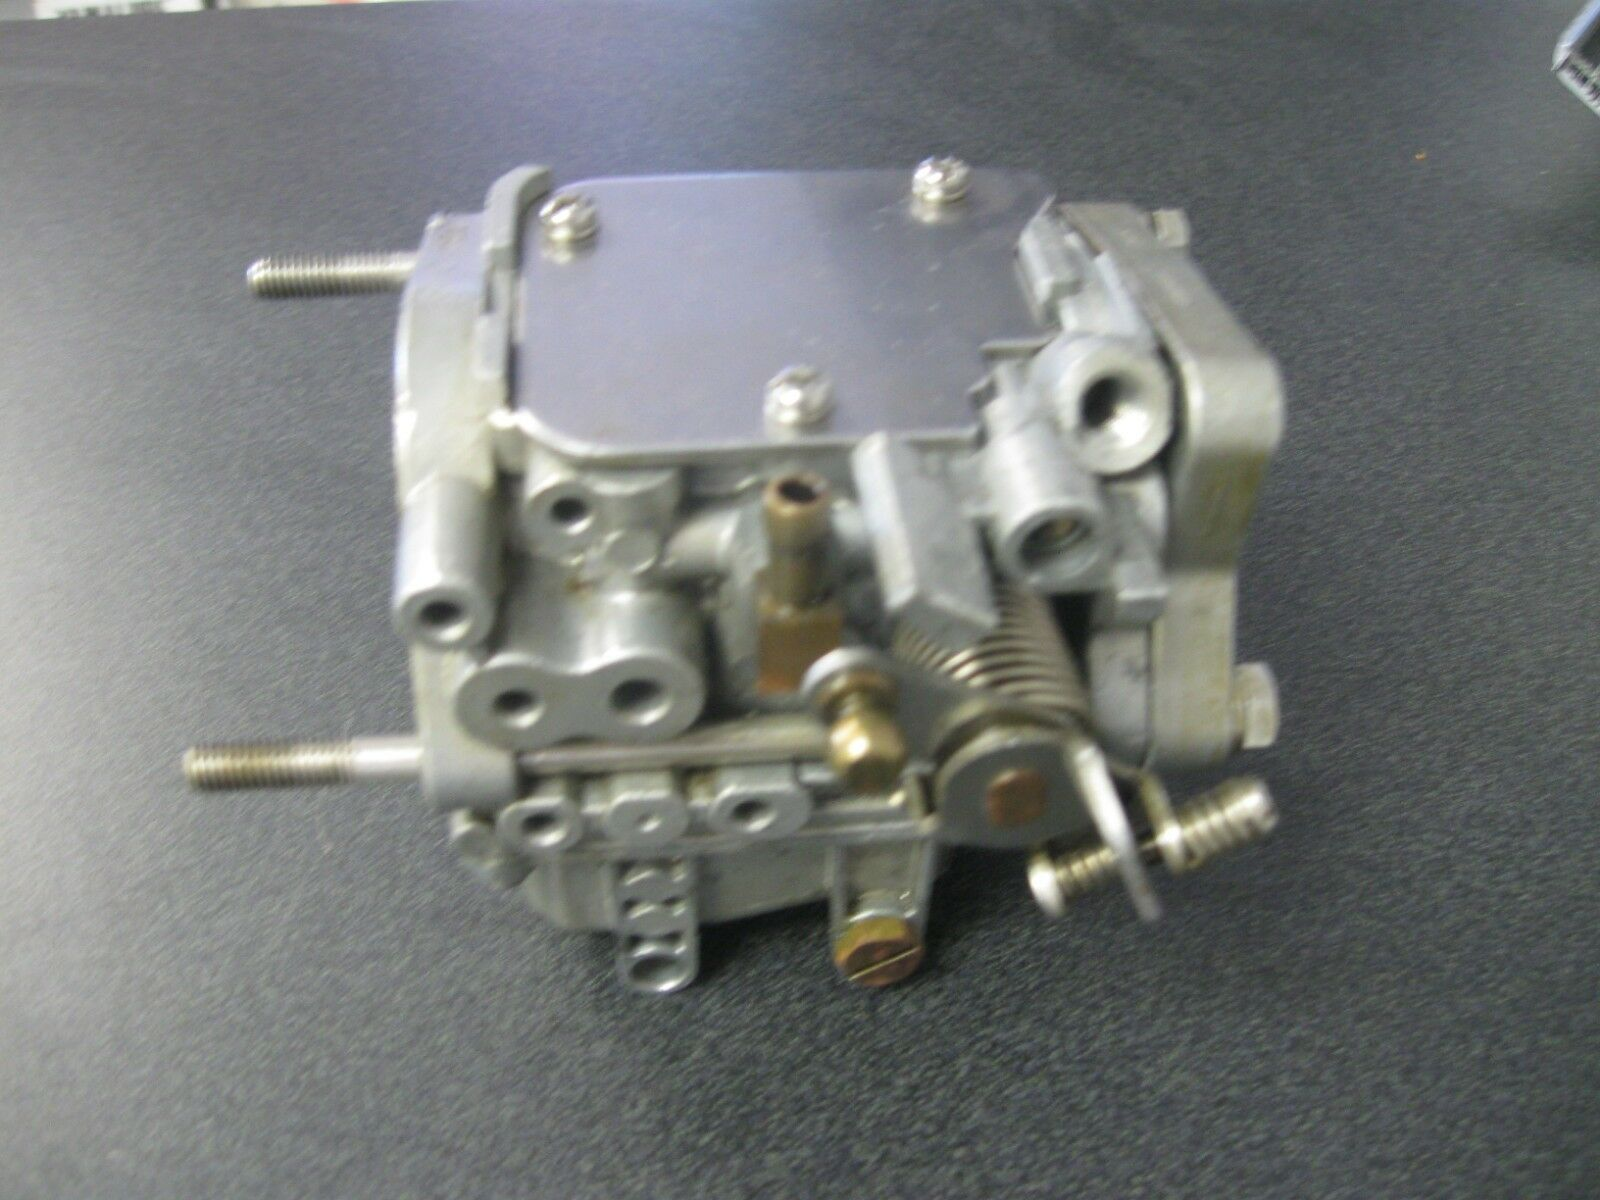 Yamaha 67G-14902-10-00 Außenborder Vergaser Assy 67G-14902-10-00 Yamaha c4b0cd